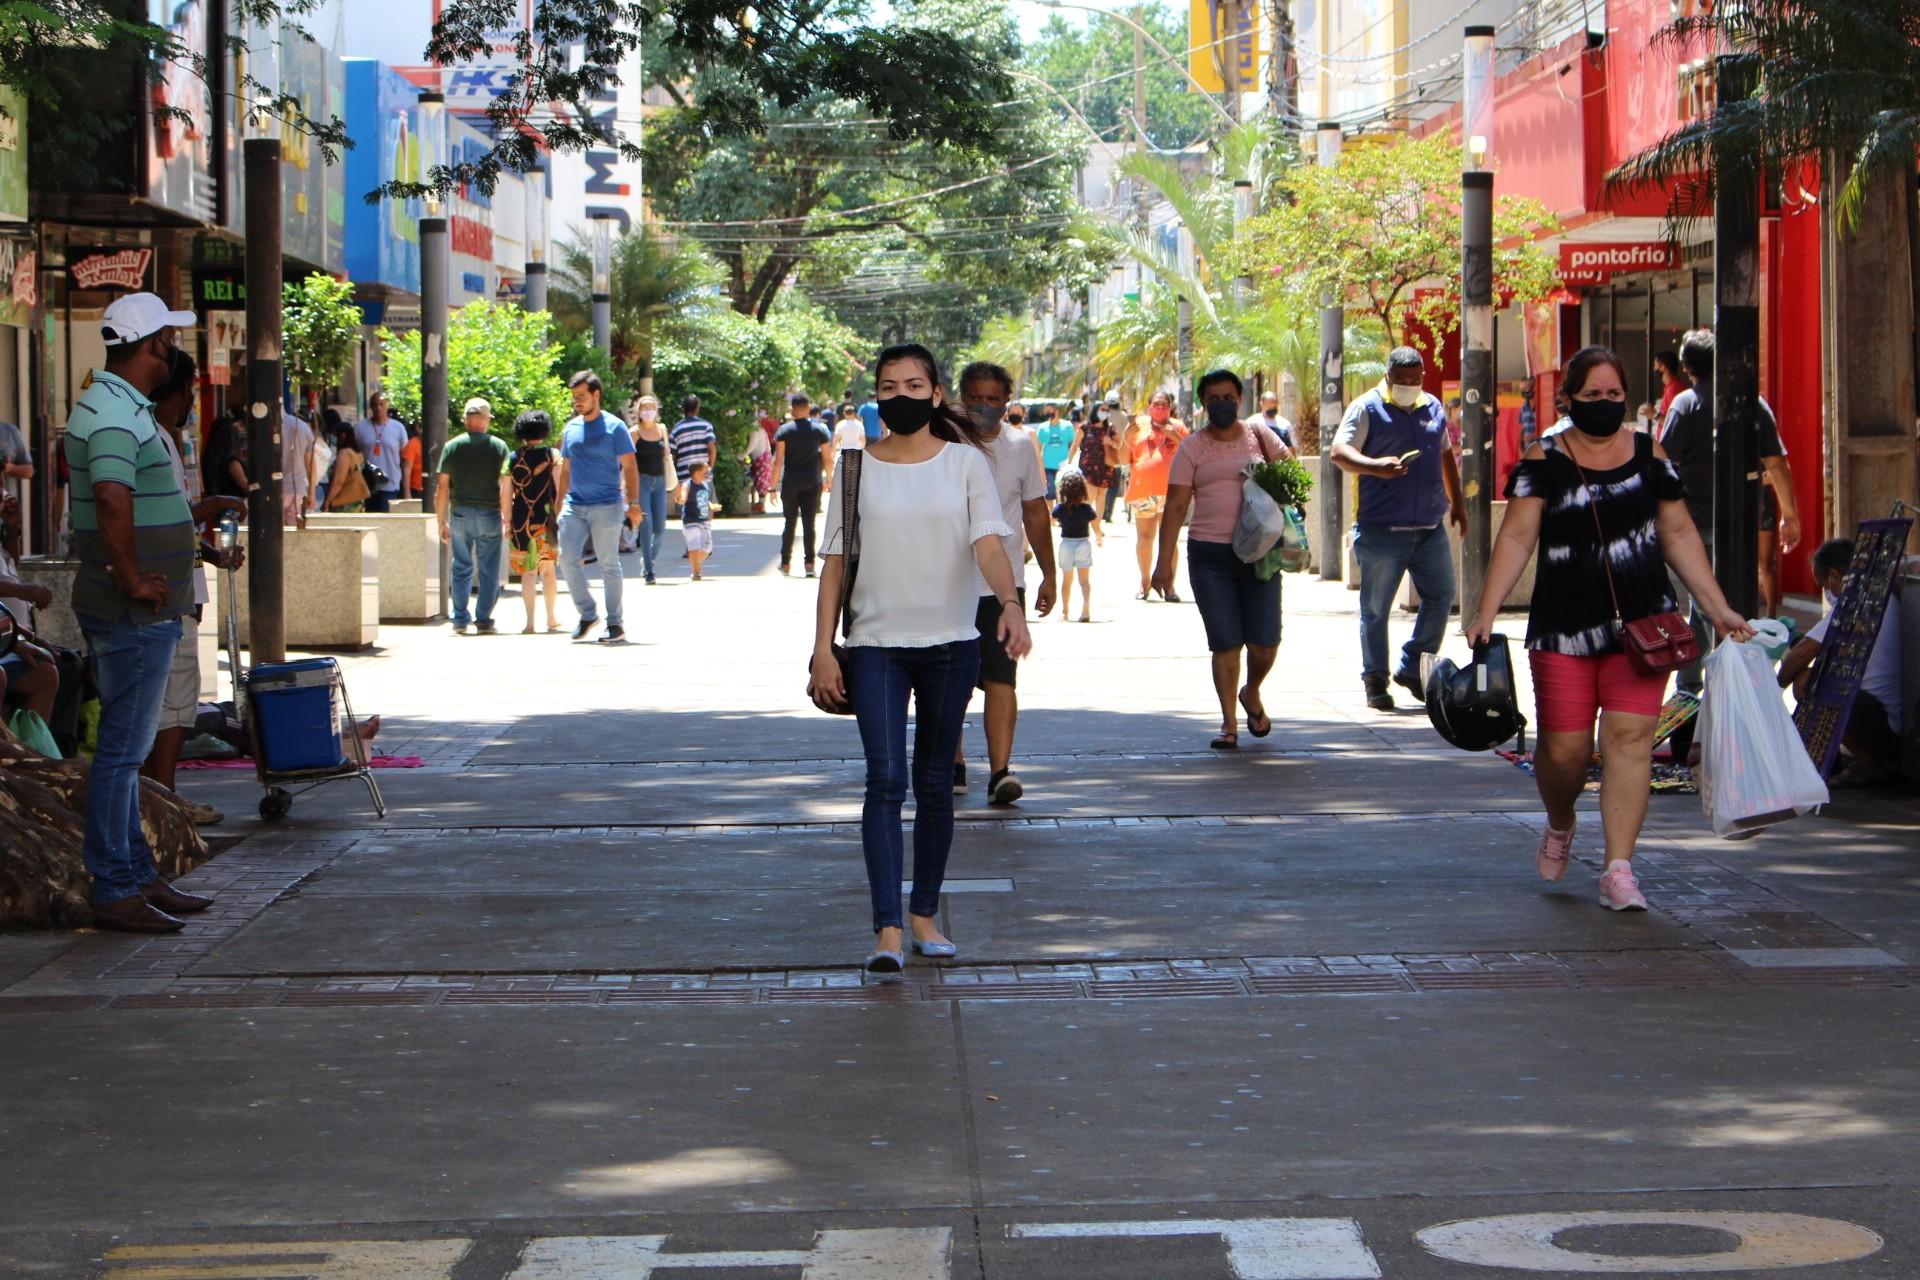 Decreto altera horário de funcionamento do comércio de rua em Presidente Prudente